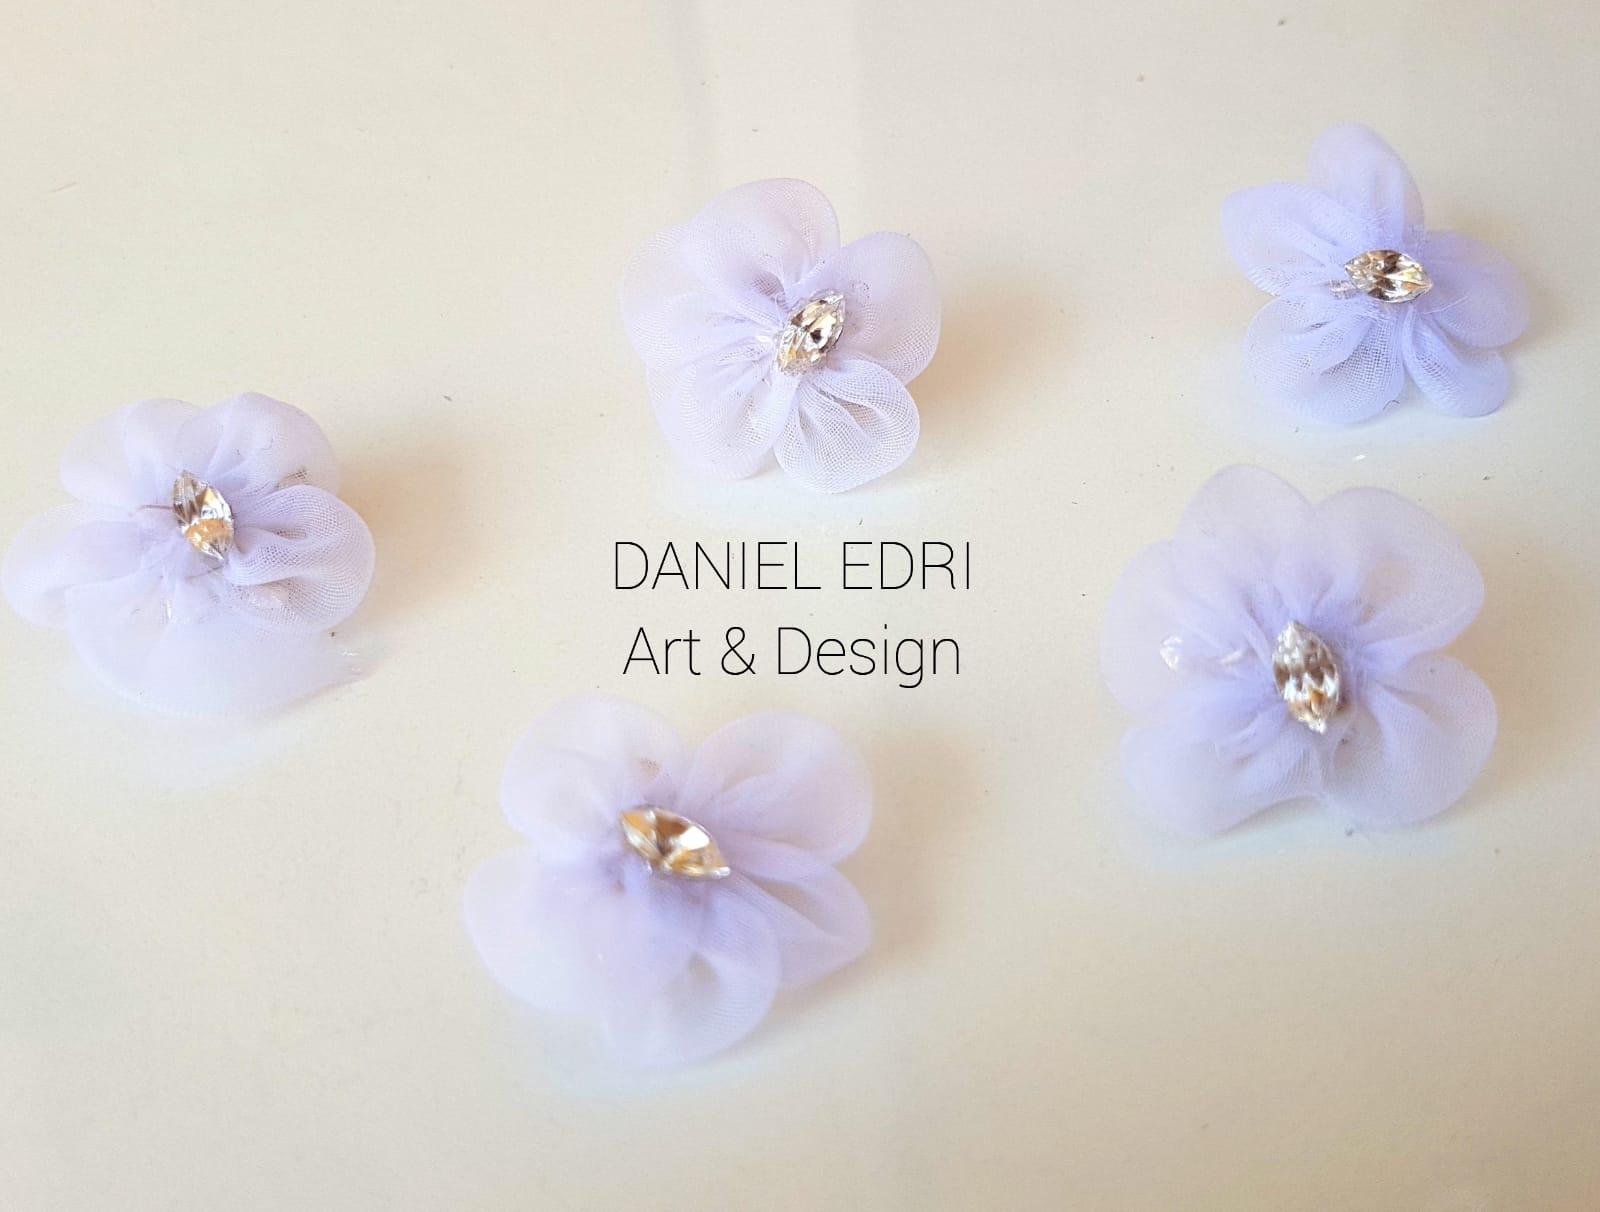 5 סיכות פרחים לבנים עם קריסטל